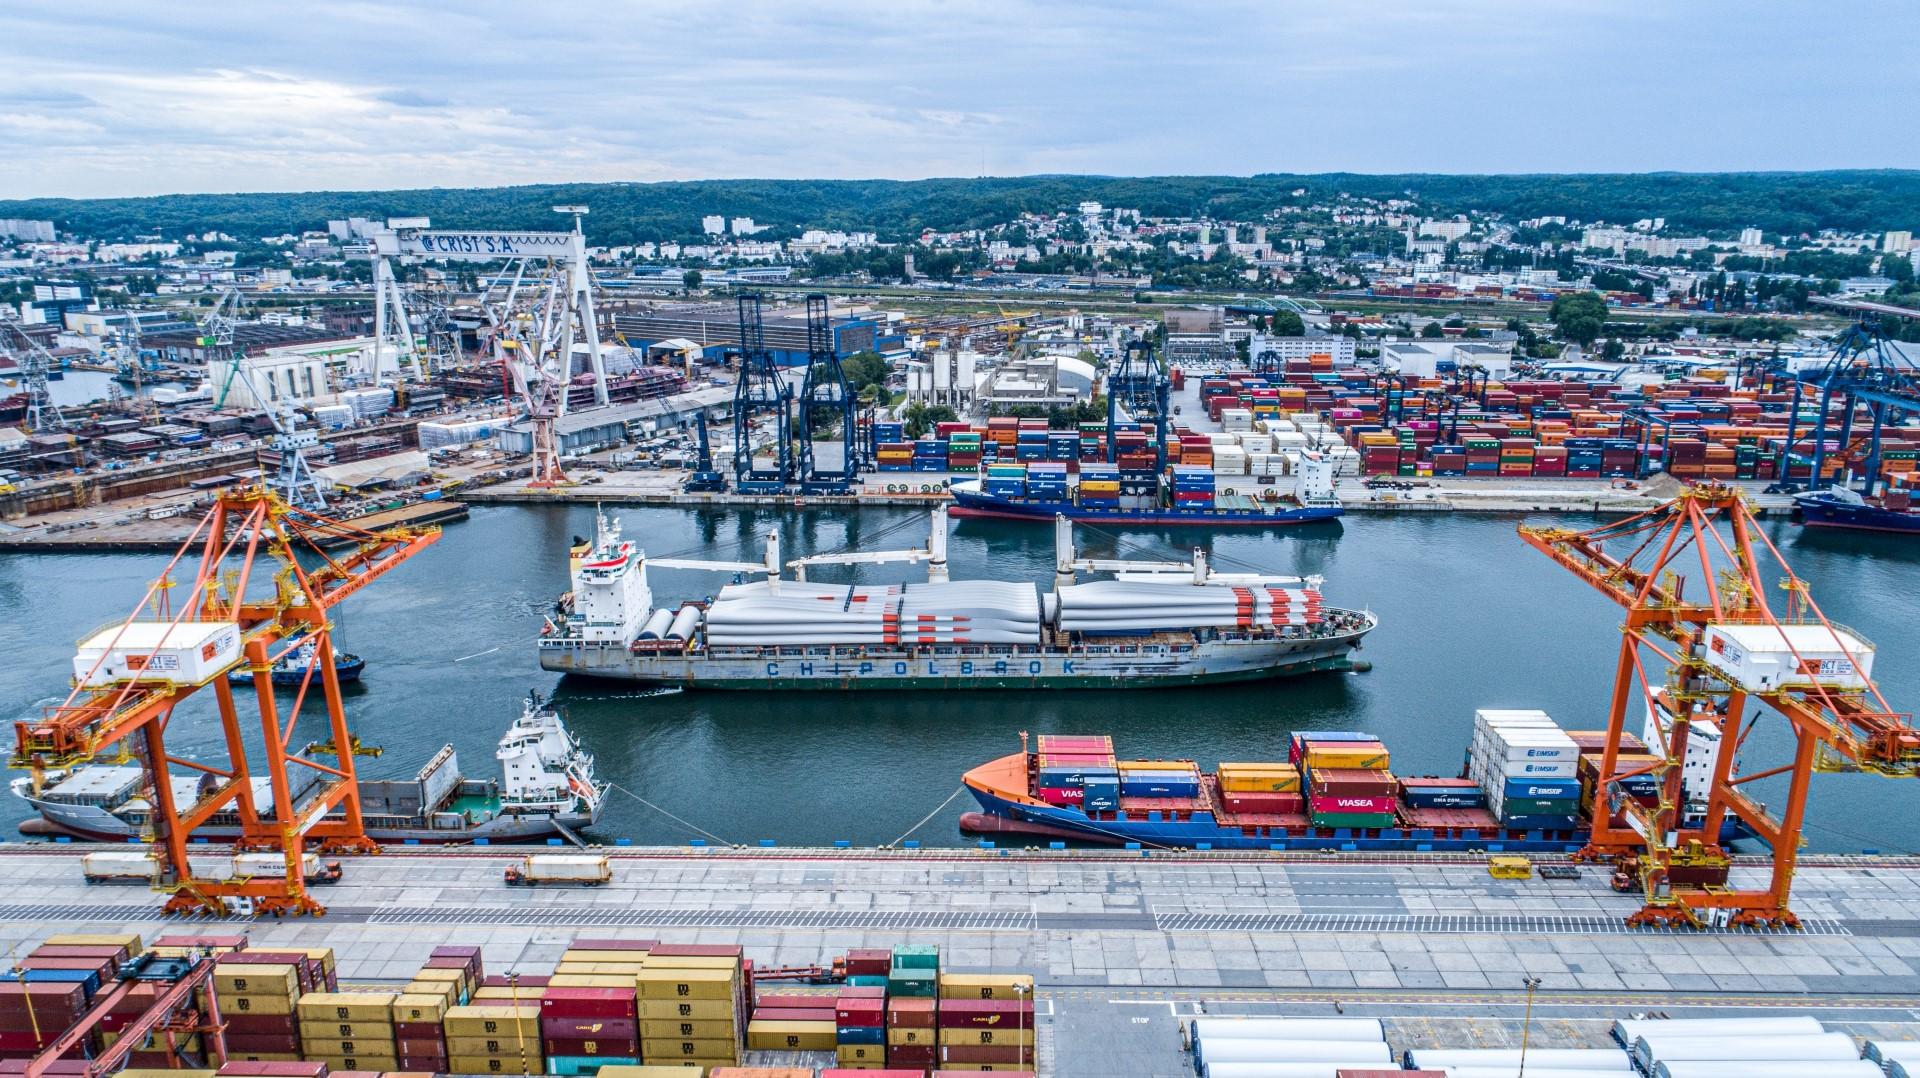 Transport elementów farm wiatrowych na pokładzie Chipolbrok Galaxy, fot. mat. prasowe Portu Gdynia / port.gdynia.pl